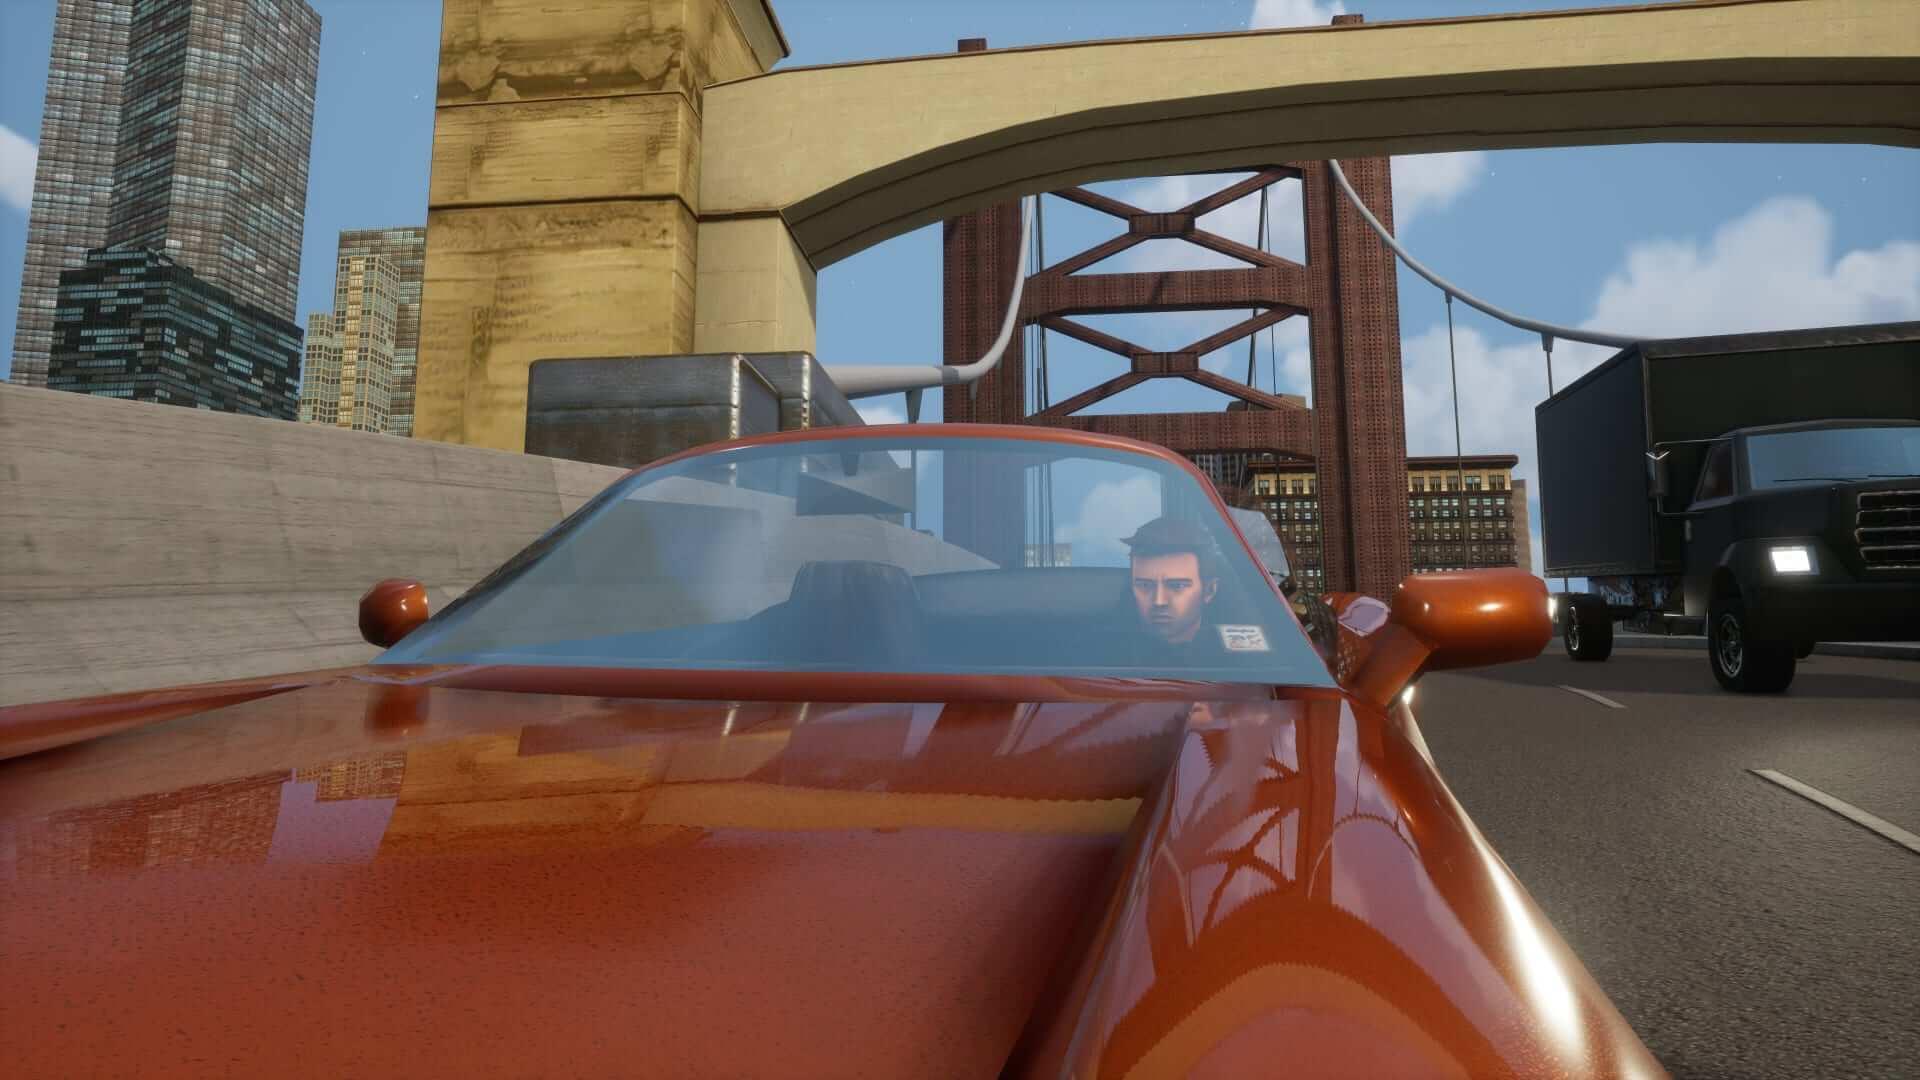 Grand Theft Auto: The Trilogy - The Definitive Edition - будет поддерживать DLSS, первые скриншоты